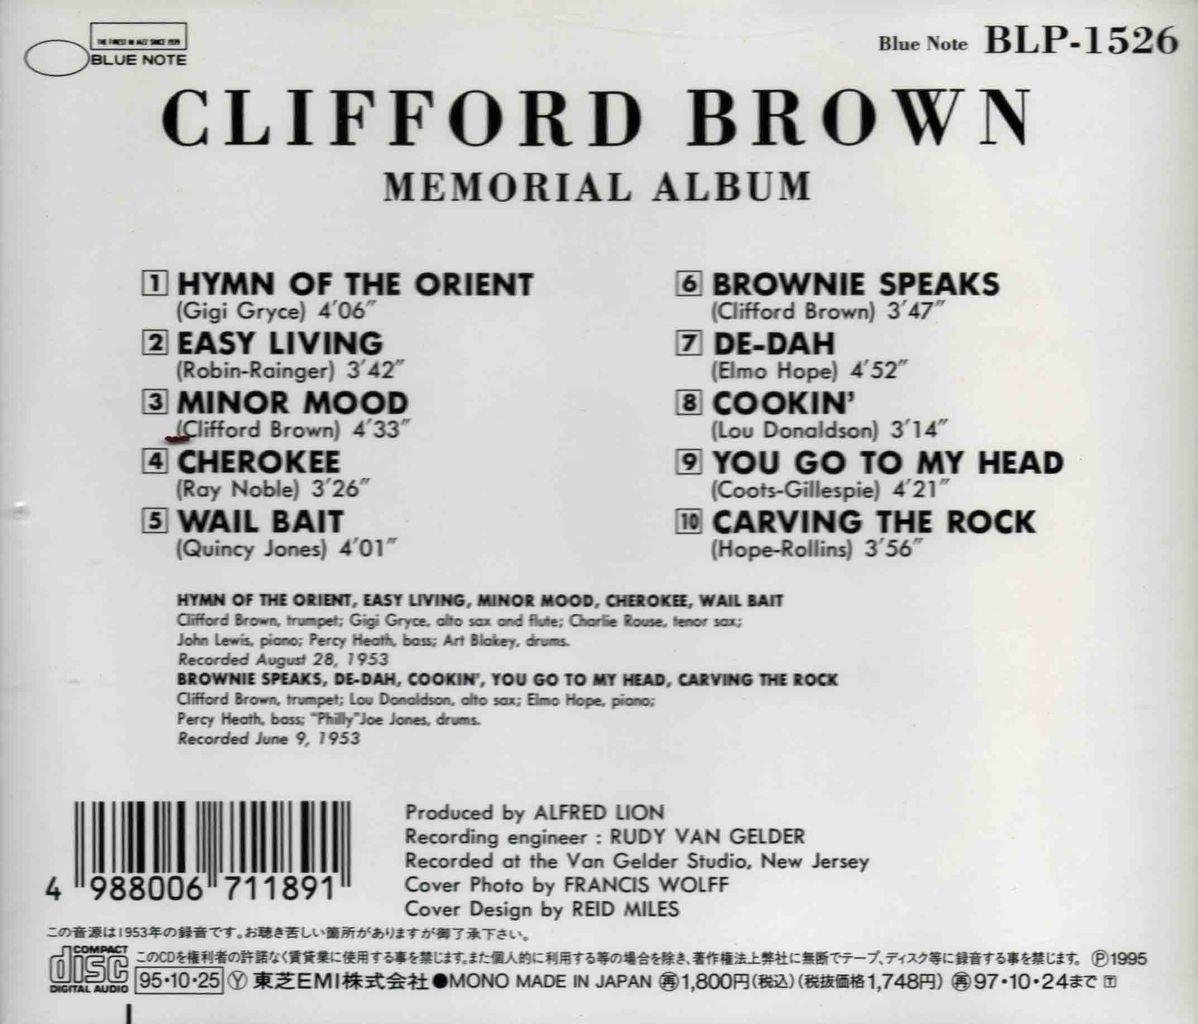 MEMORIAL ALBUM-2